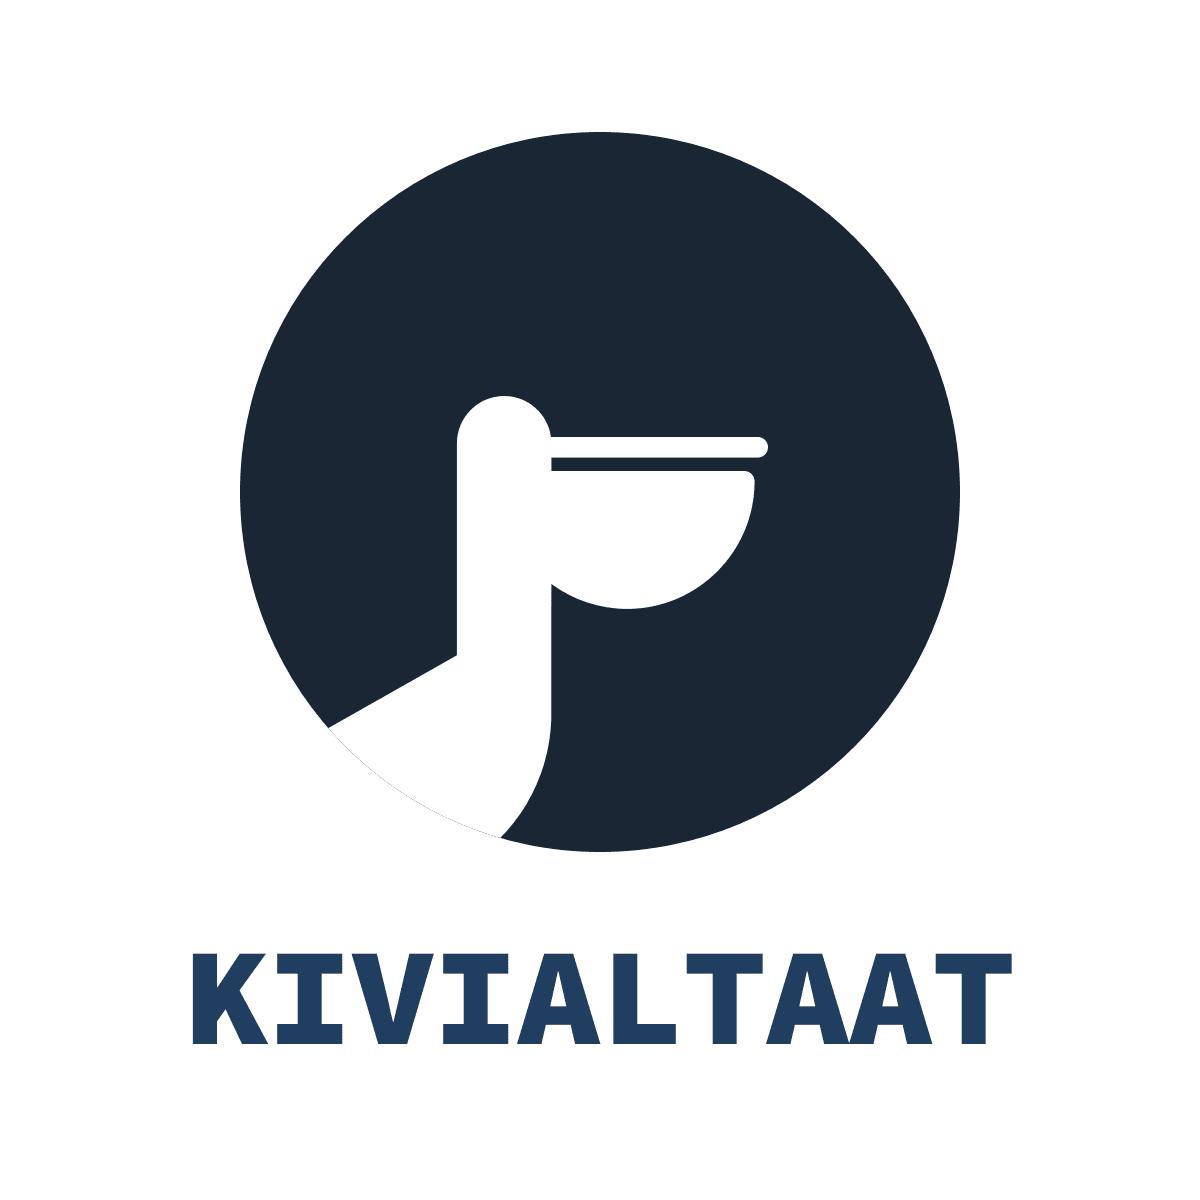 Kivialtaat